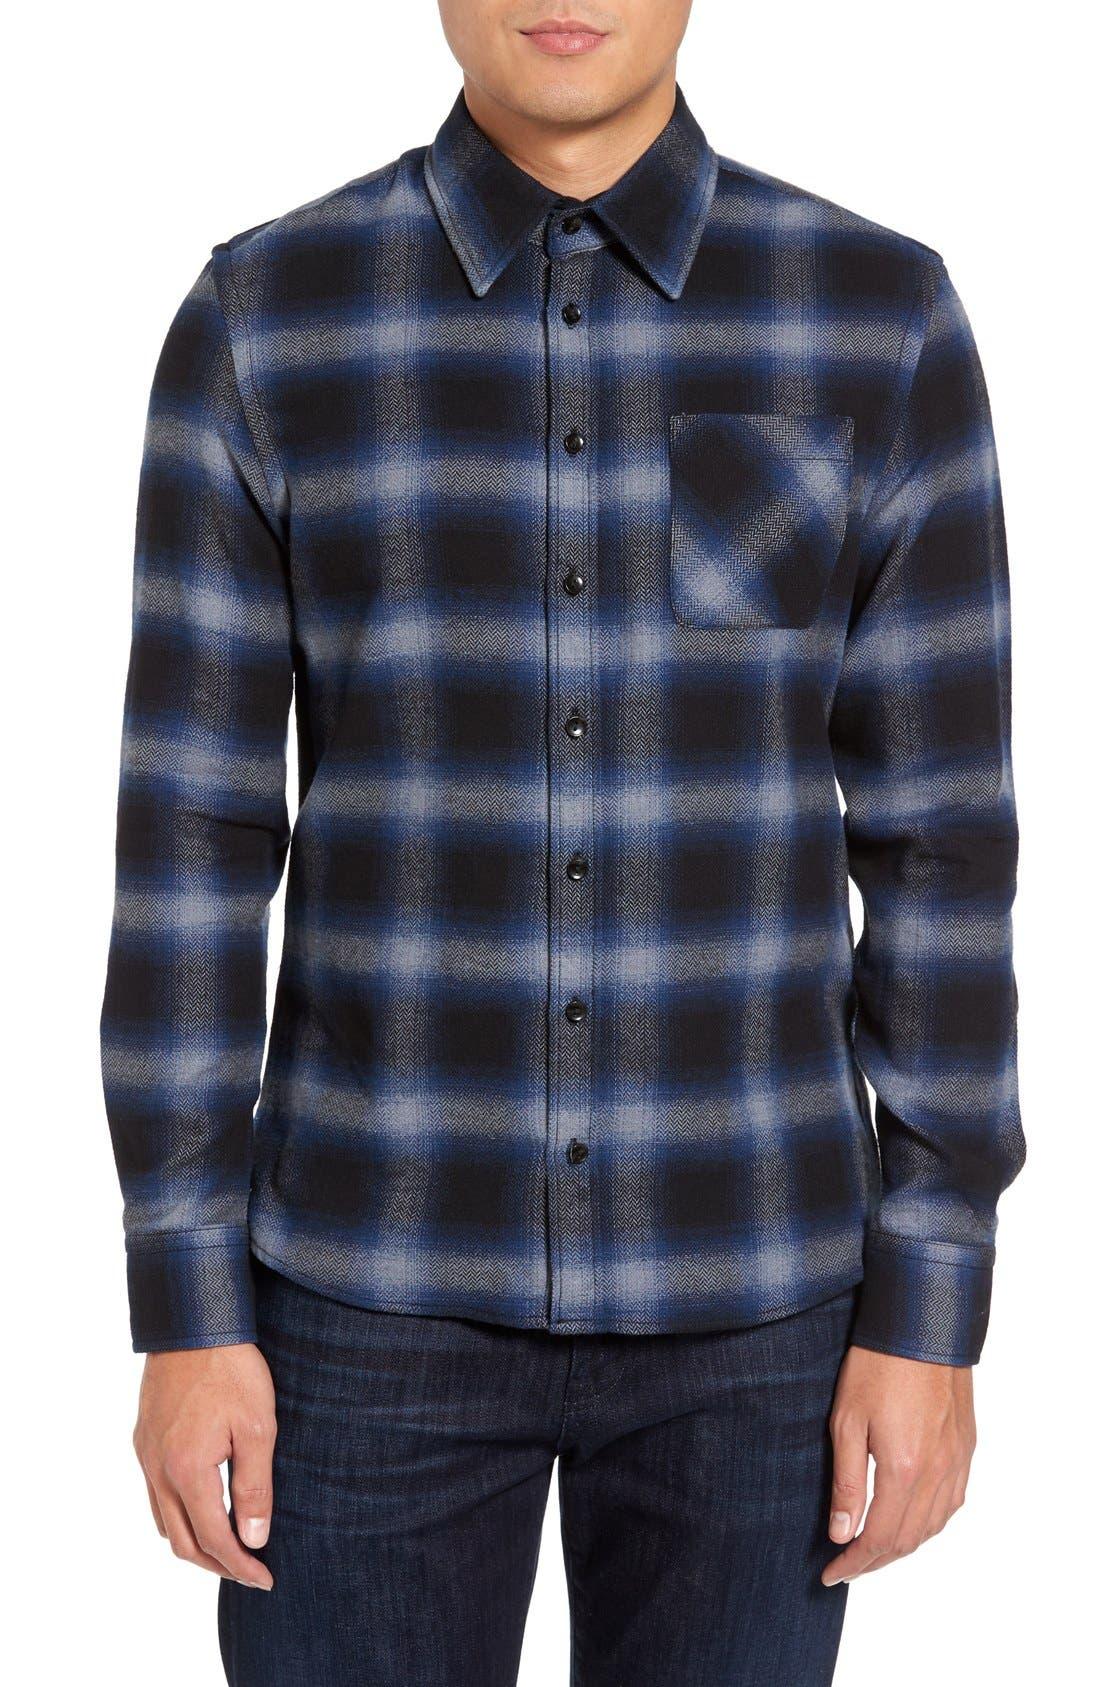 Michael Slim Fit Plaid Flannel Shirt,                             Main thumbnail 1, color,                             428